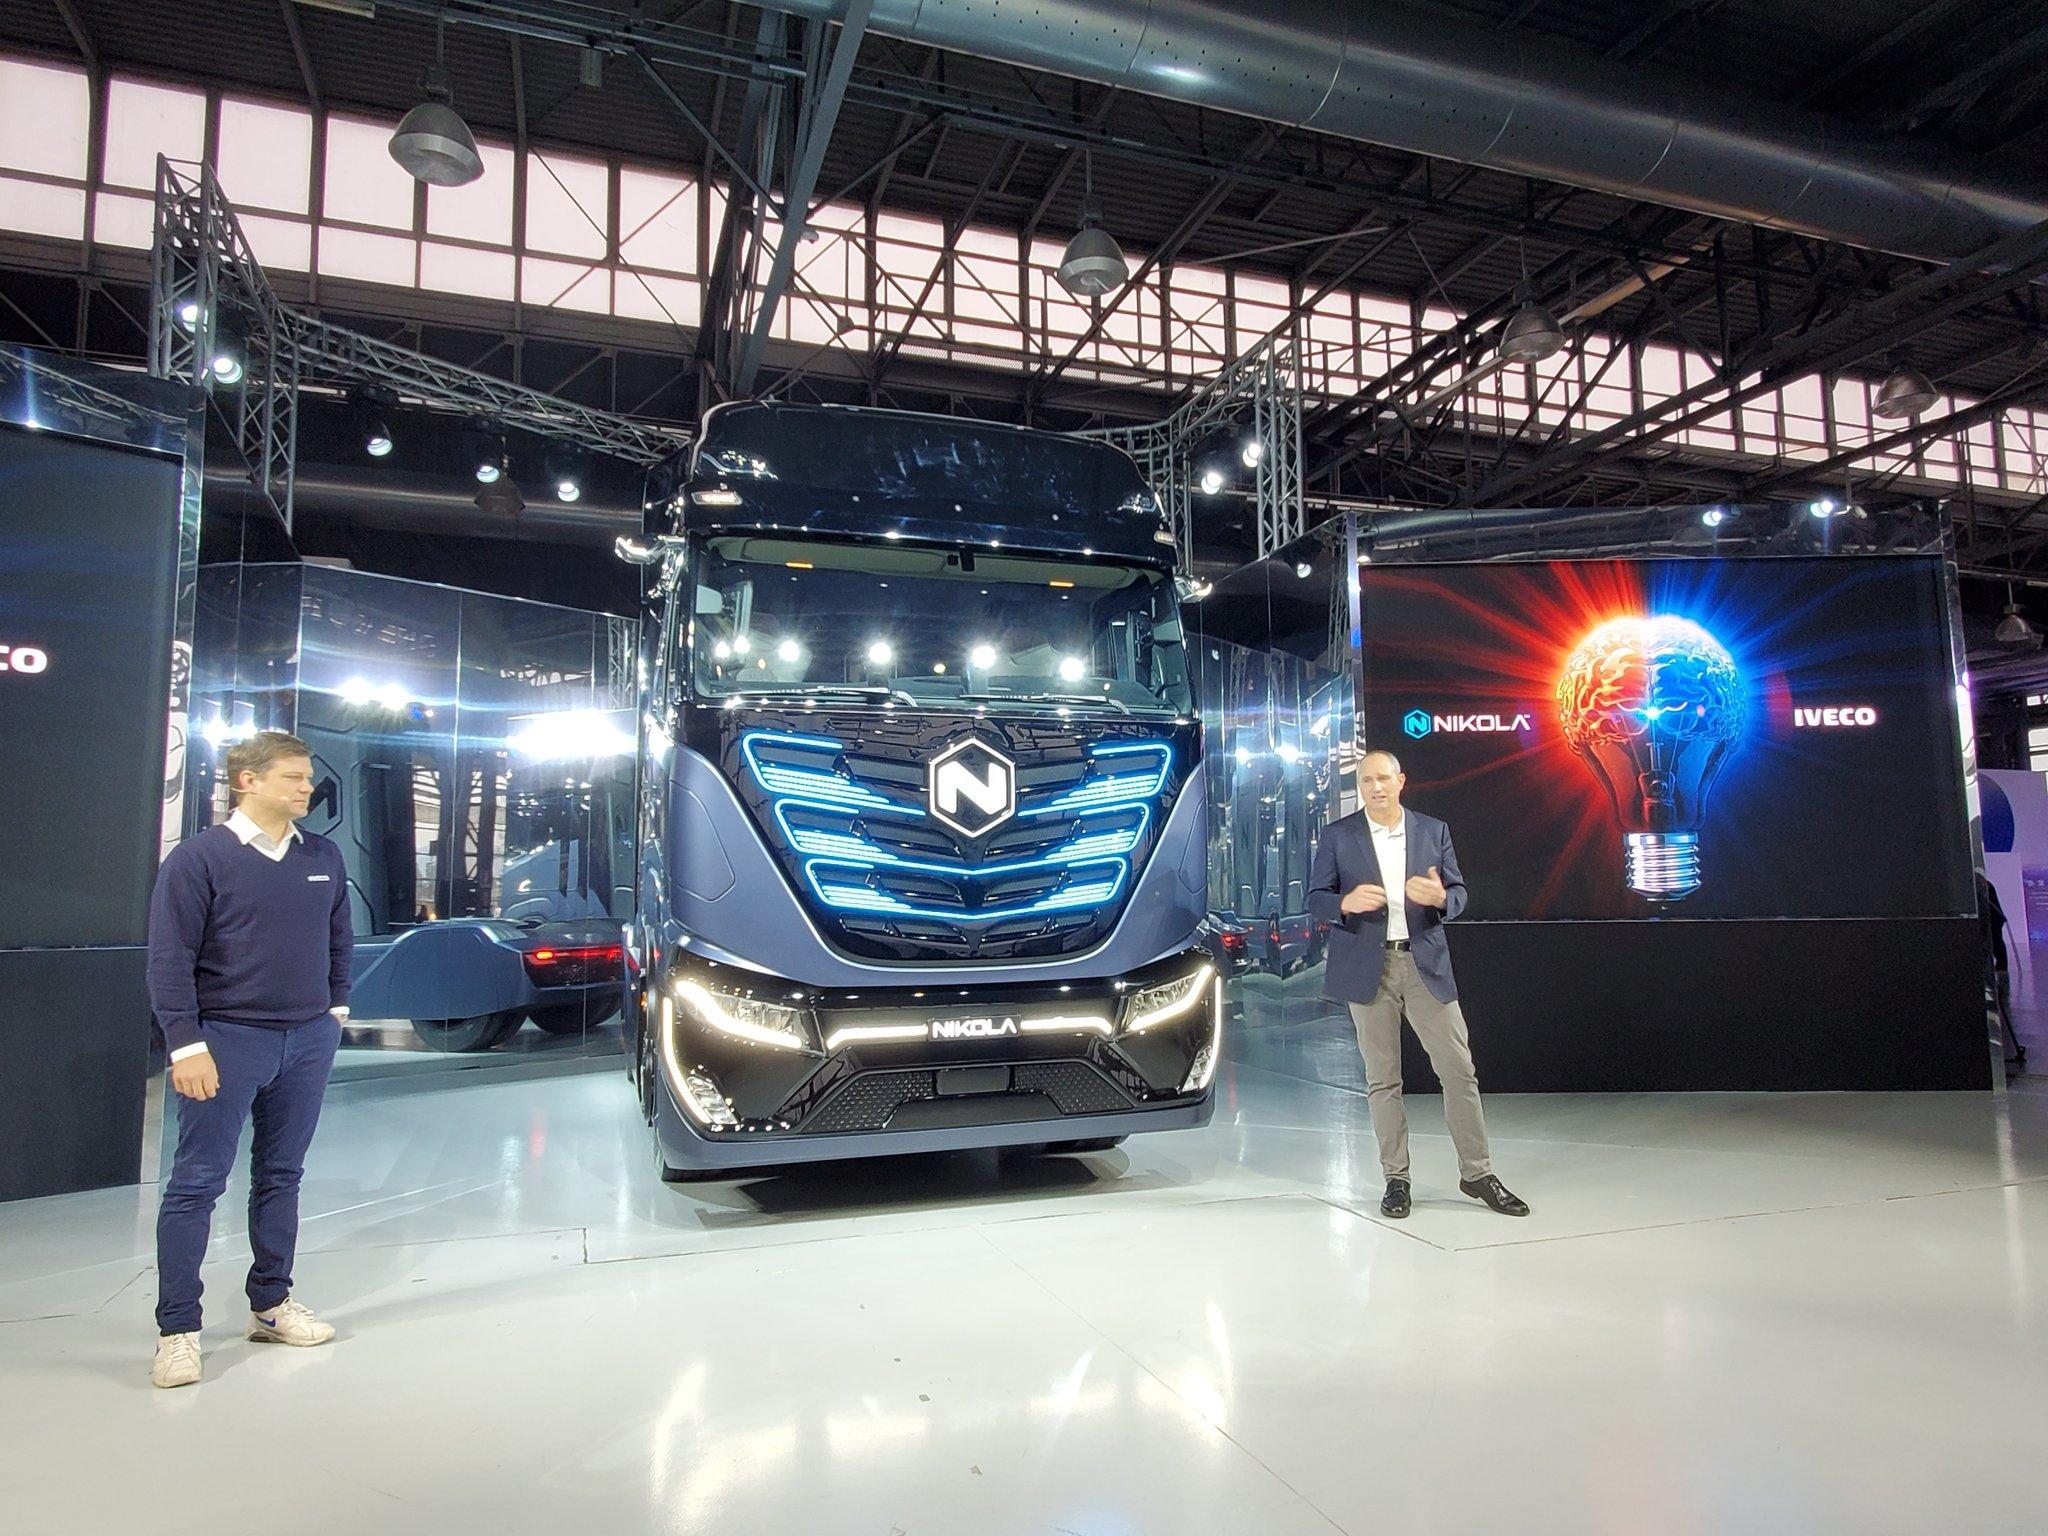 Presentación del acuerdo entre Nikola y la compañía italiana Iveco.